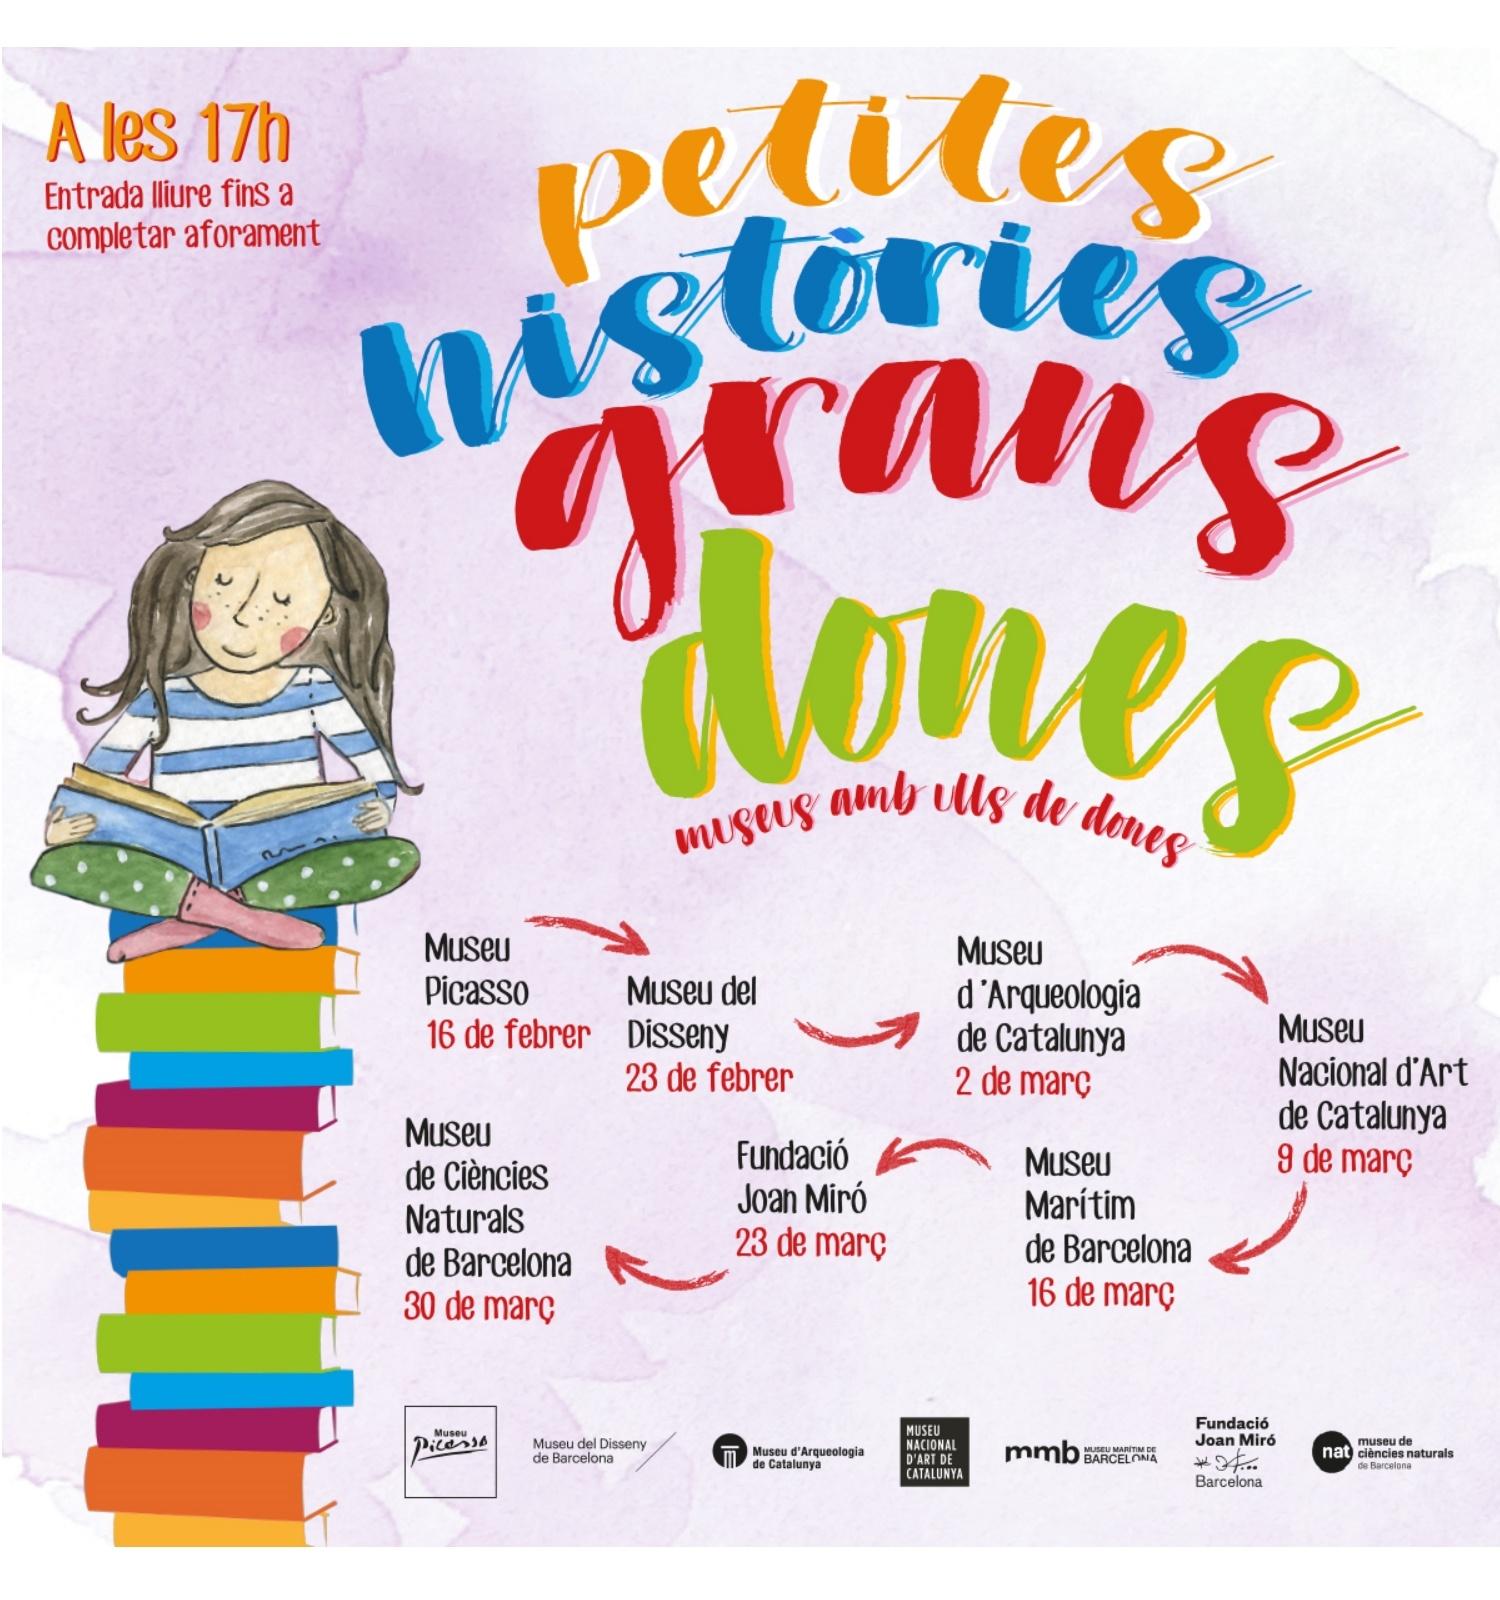 7 museus de Barcelona organitzen conta contes infantils sobre dones investigadores i creadores